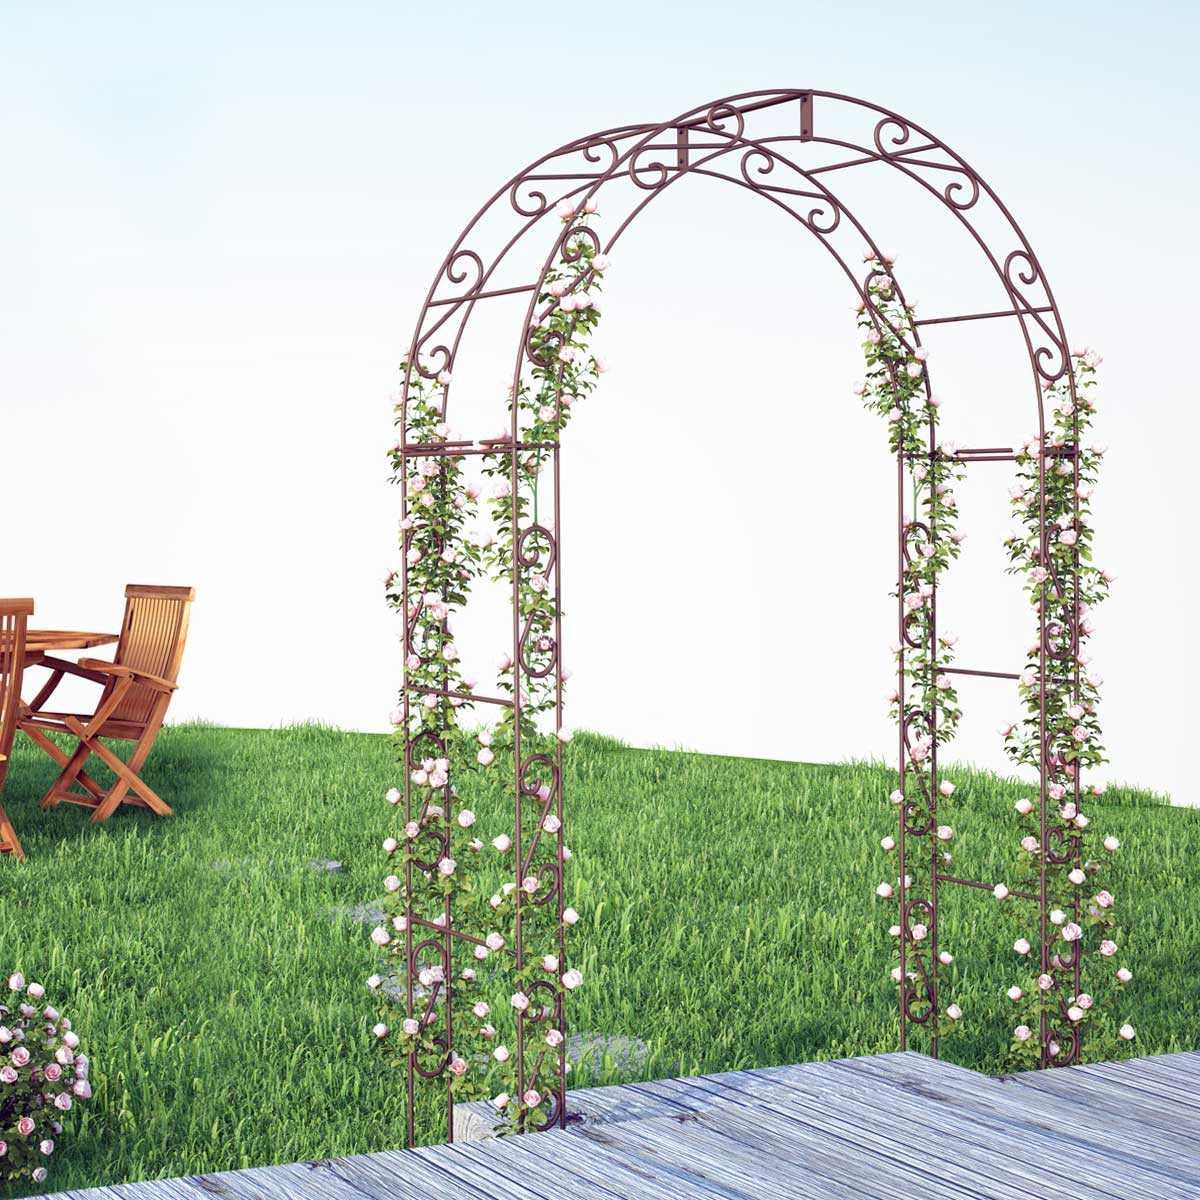 Arche De Jardin Arrondie En Acier Plein encequiconcerne Arche De Jardin En Fer